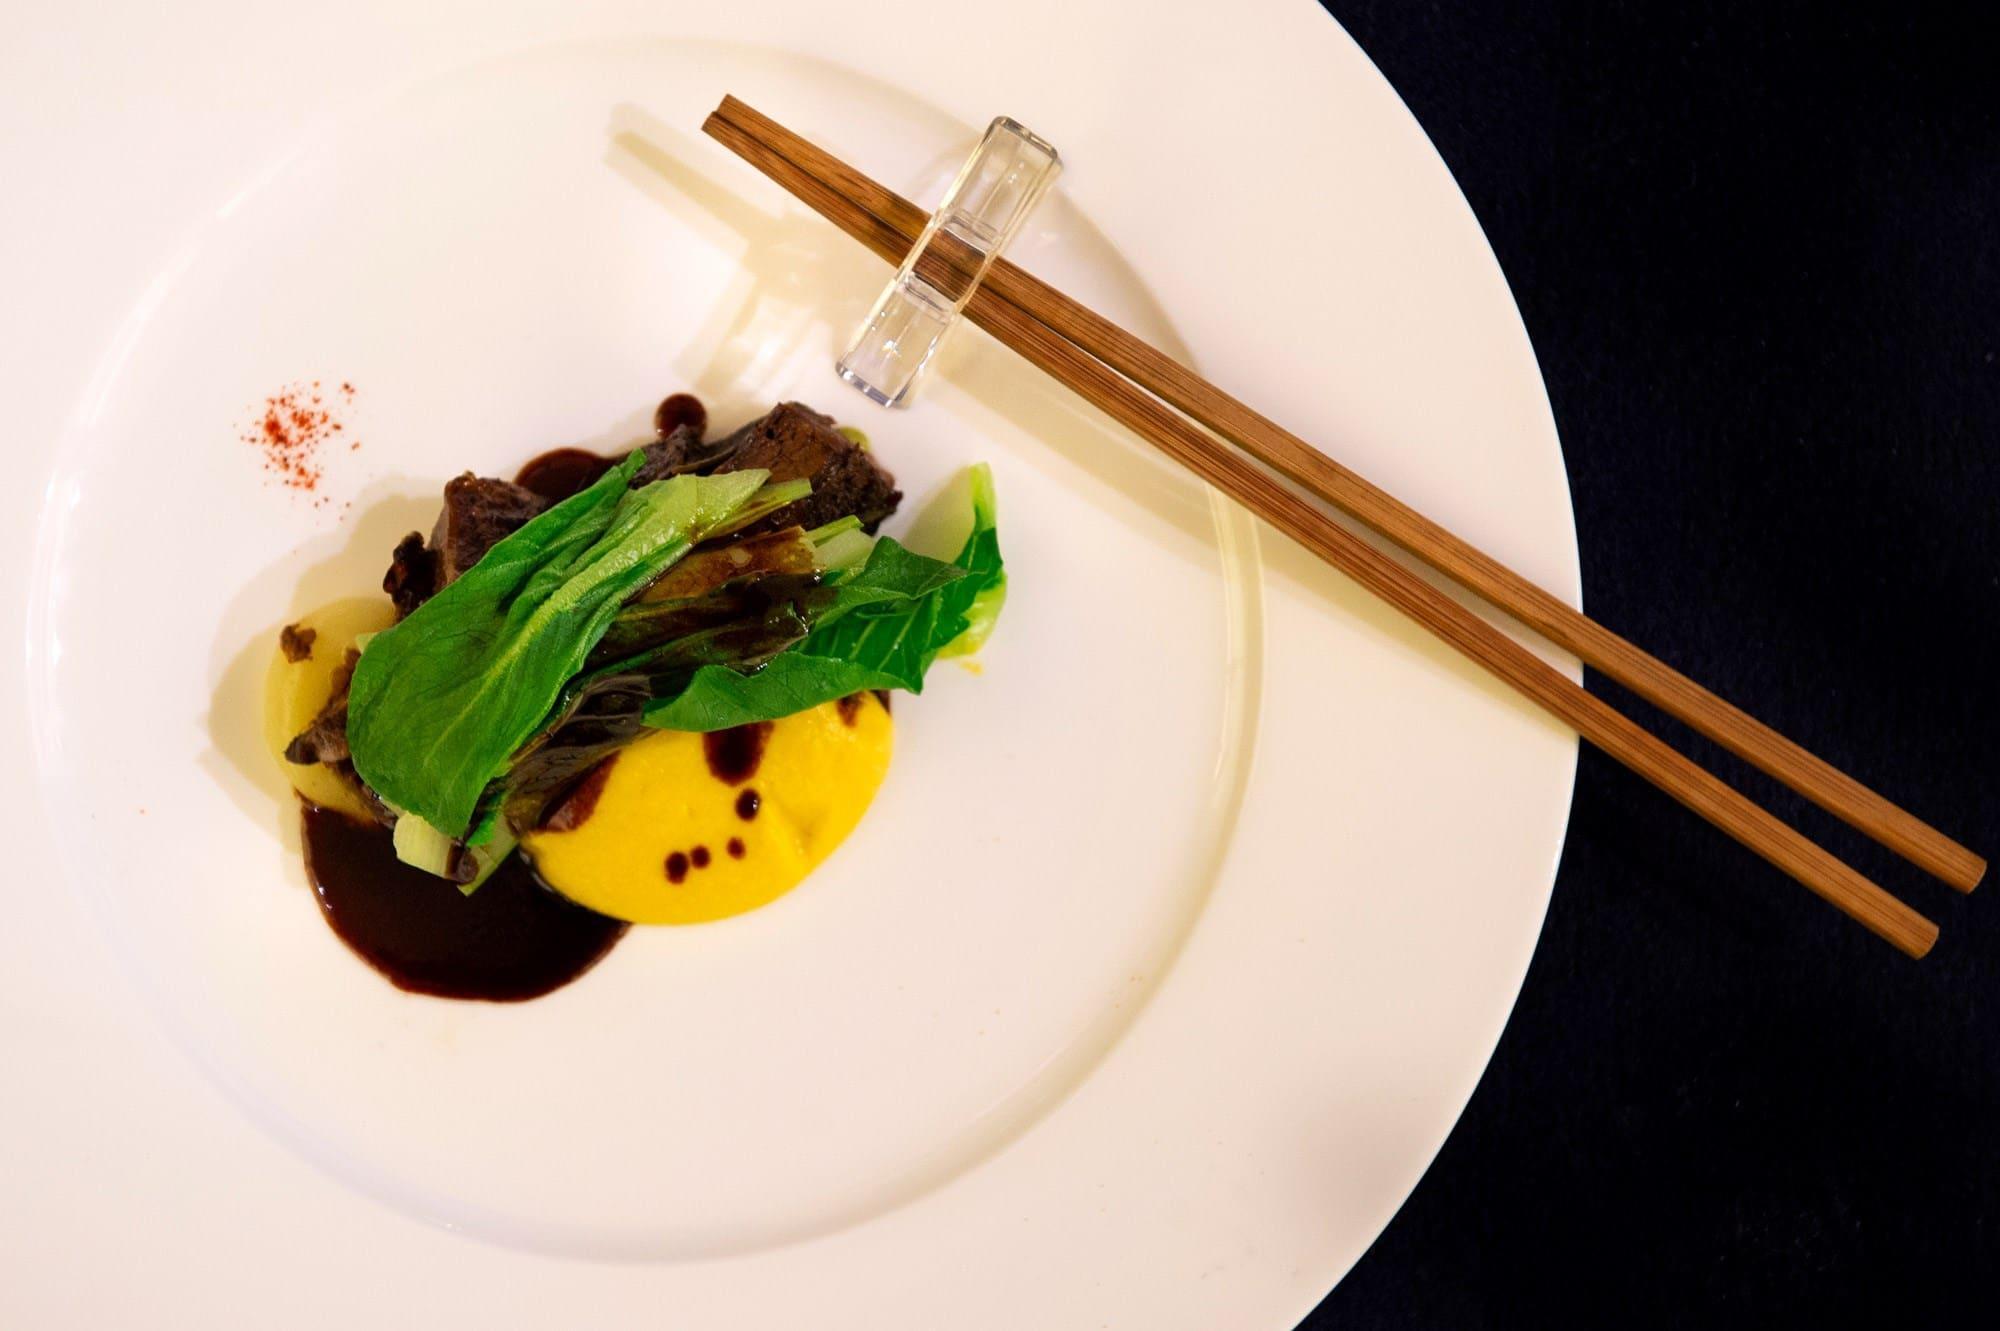 S.Pellegrino 120 Years Anniversary Dinner | Yasuhiro Fujio's Dish